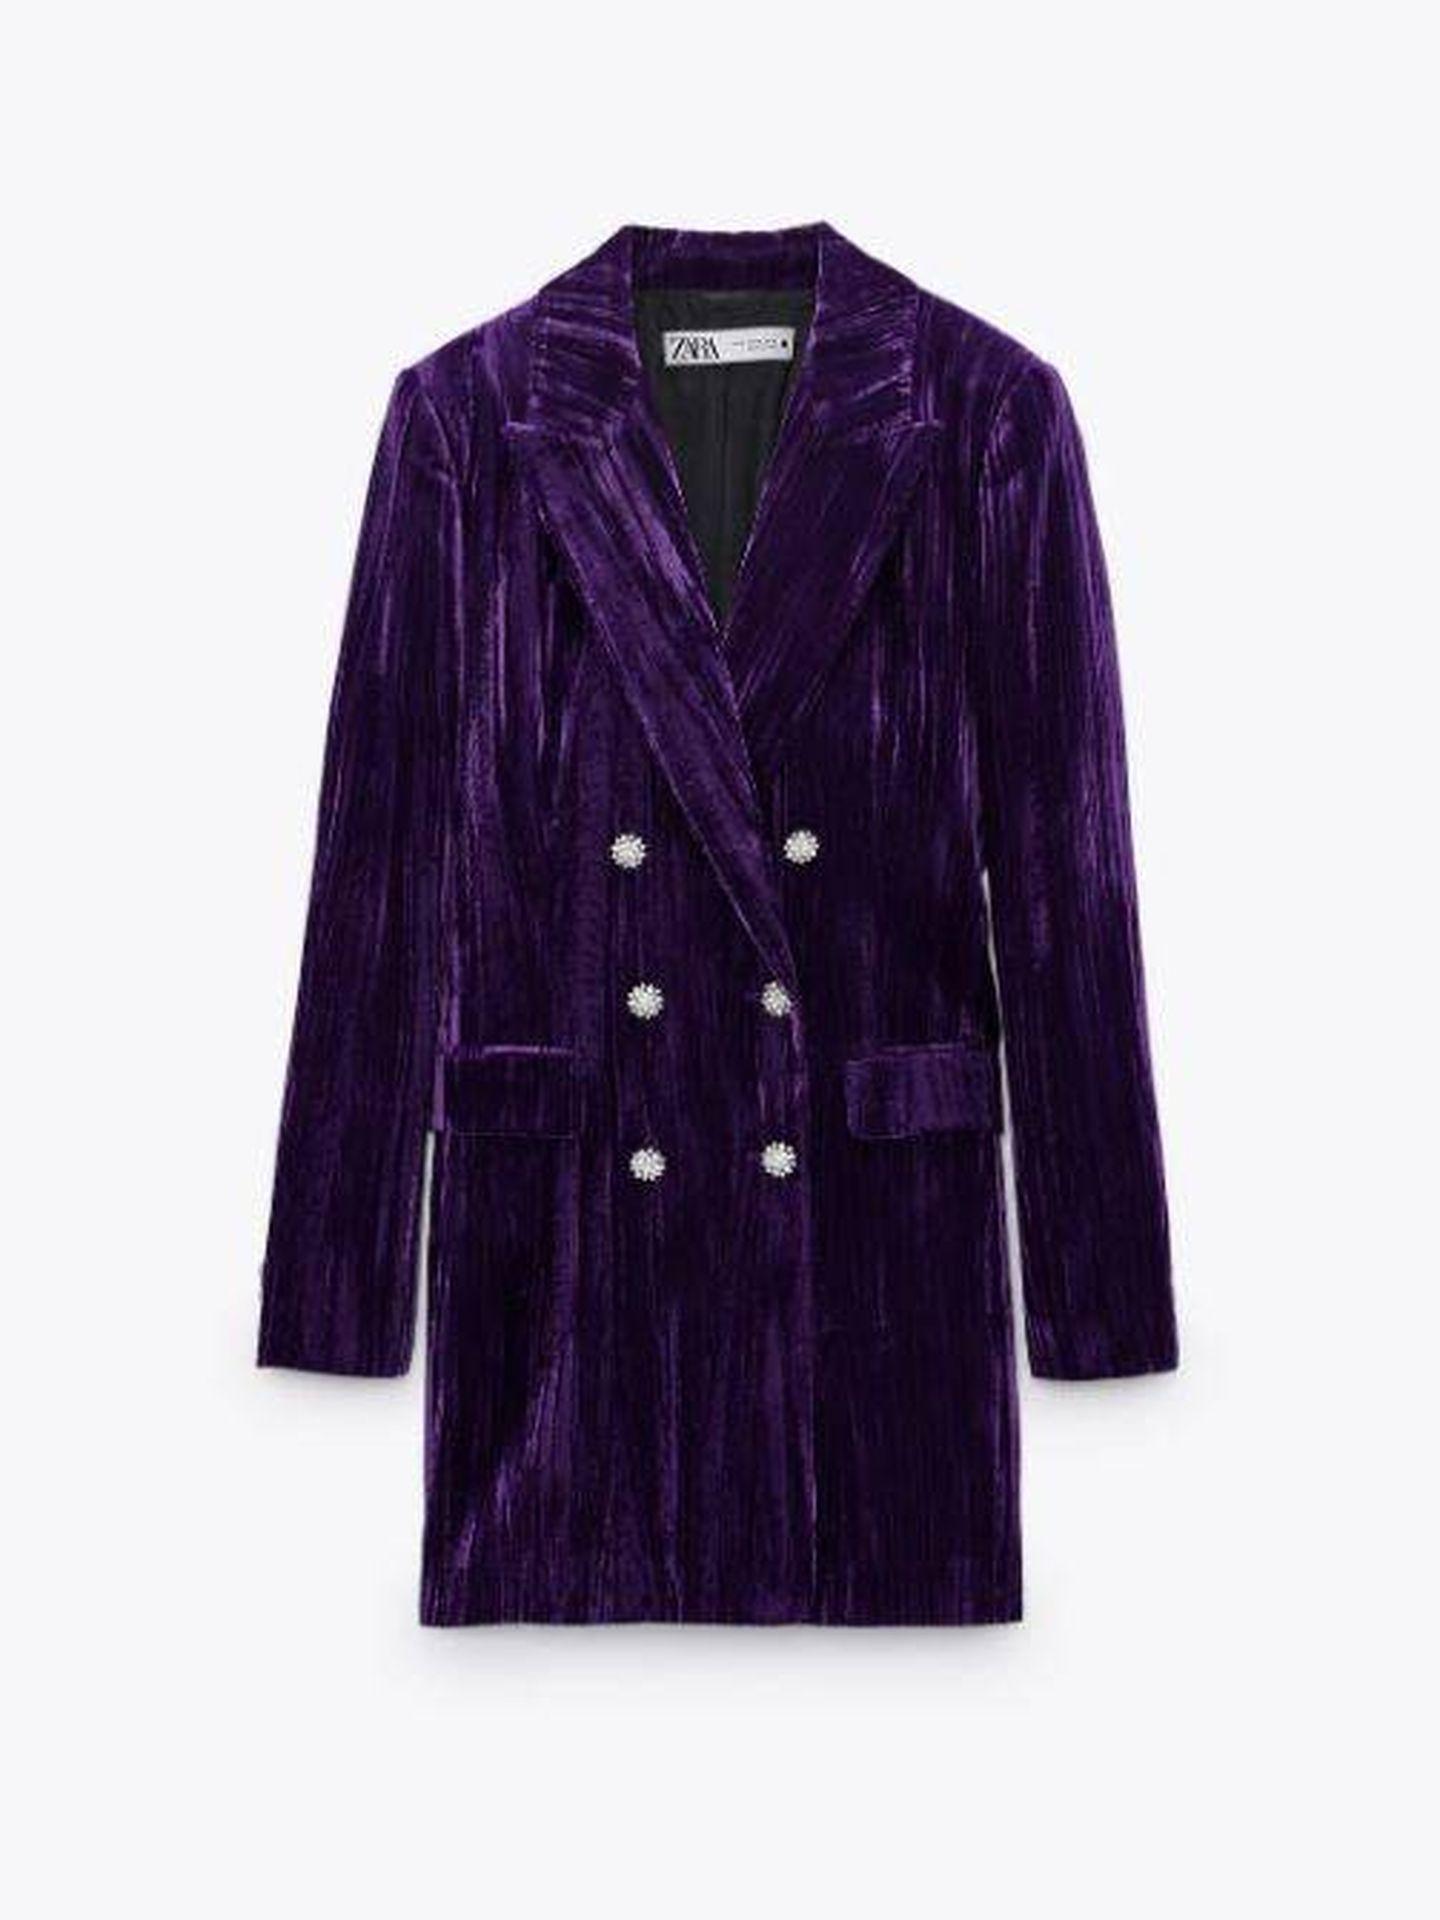 Blazer vestido de Andrea Levy. (Zara)